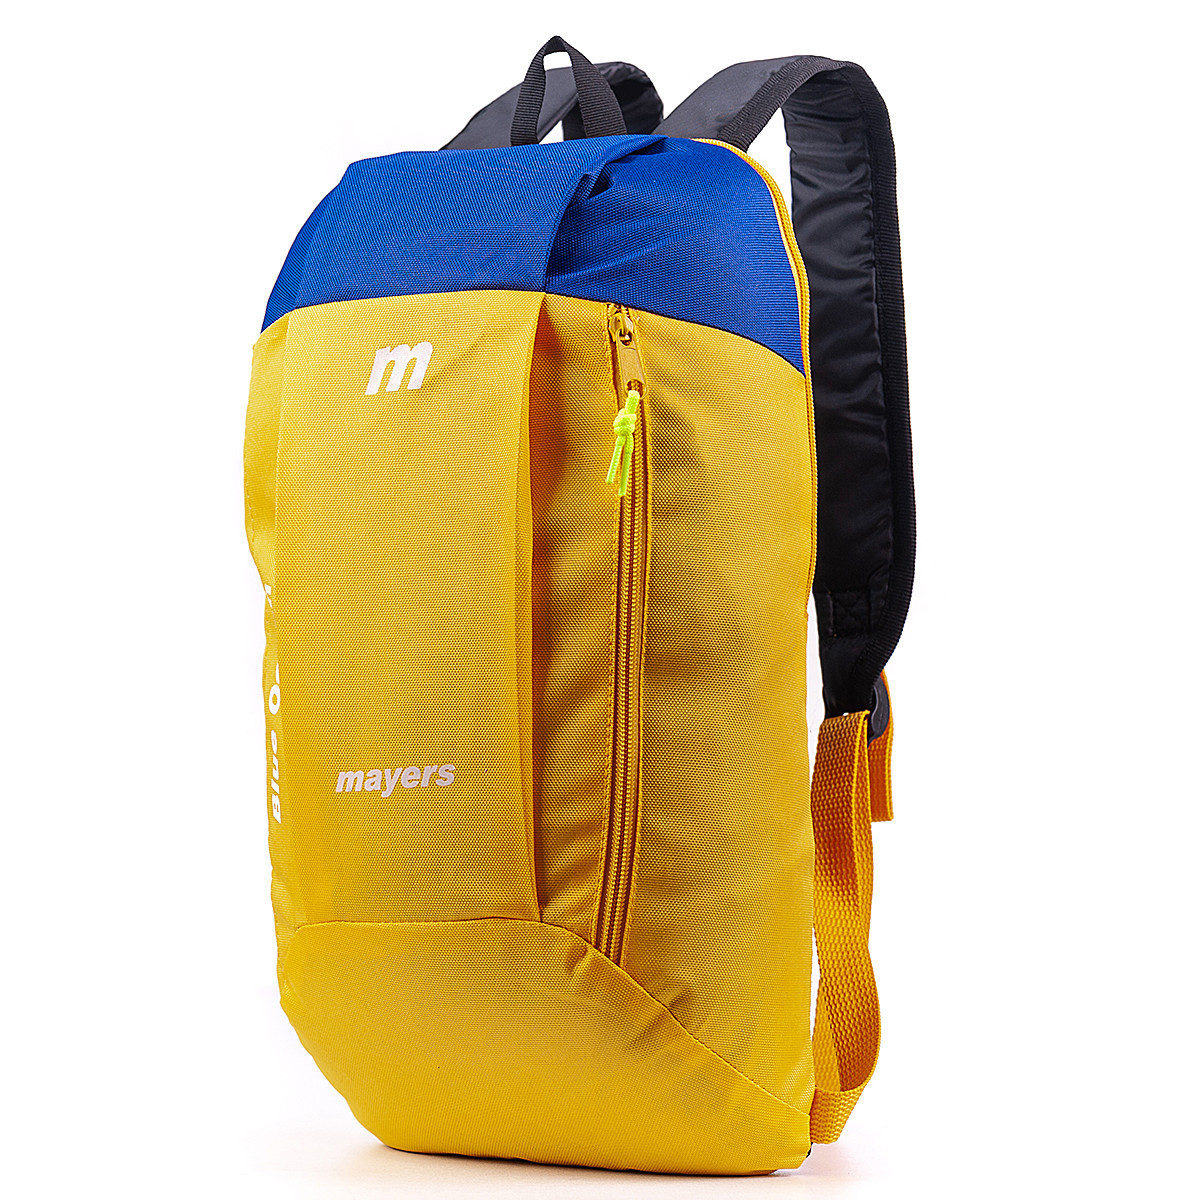 Дитячий міський повсякденний рюкзак MAYERS 10L, унісекс, жовто синій